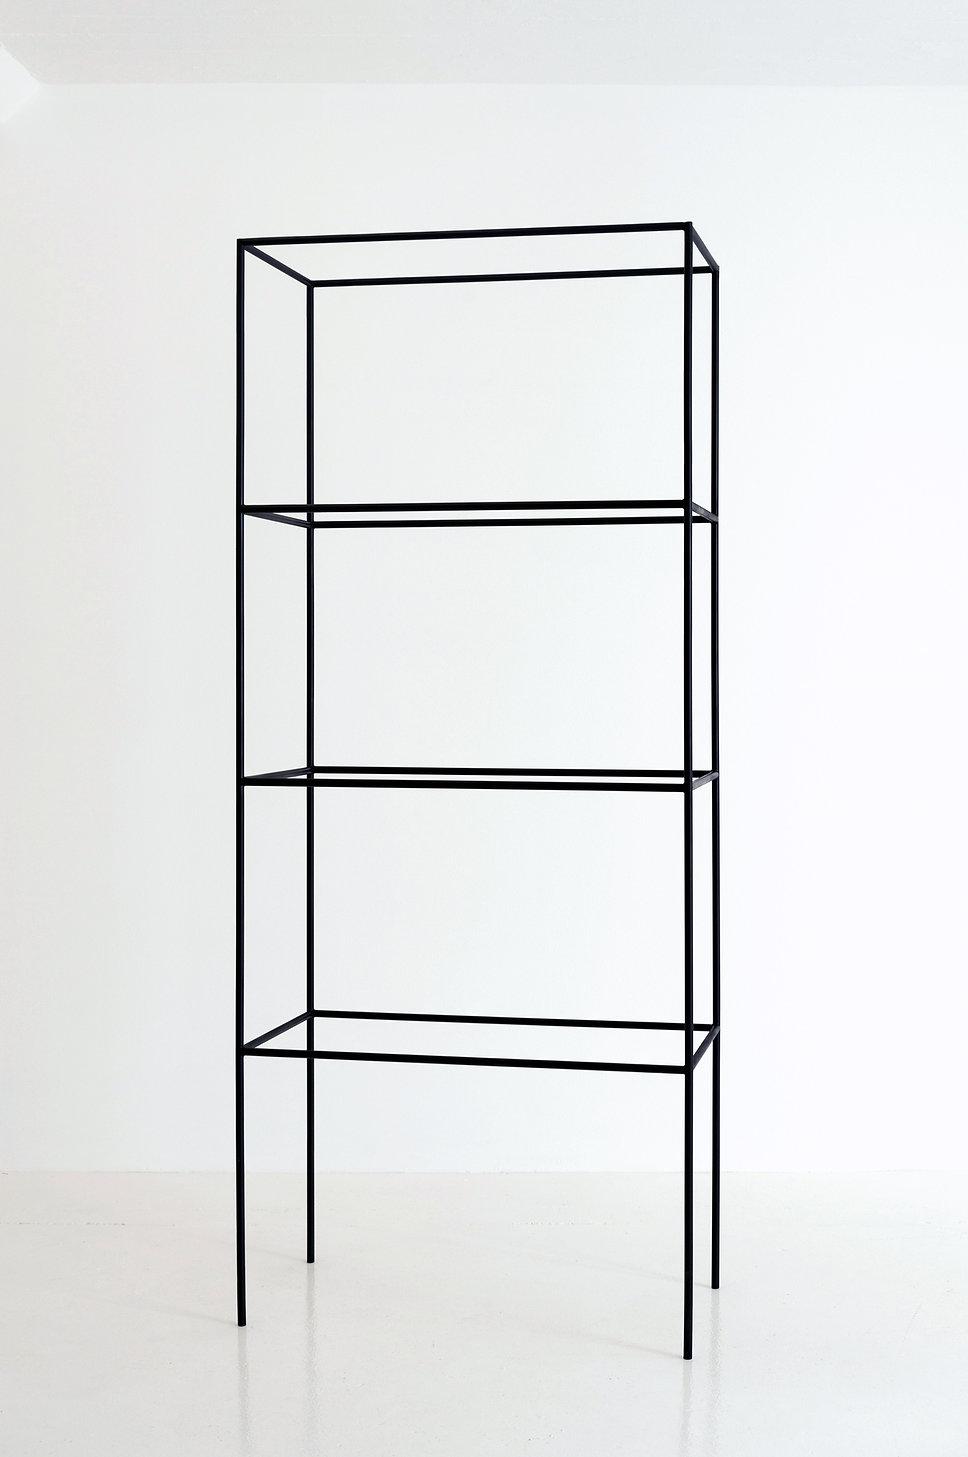 BB500-at-Aldea-Gallery-5.jpg